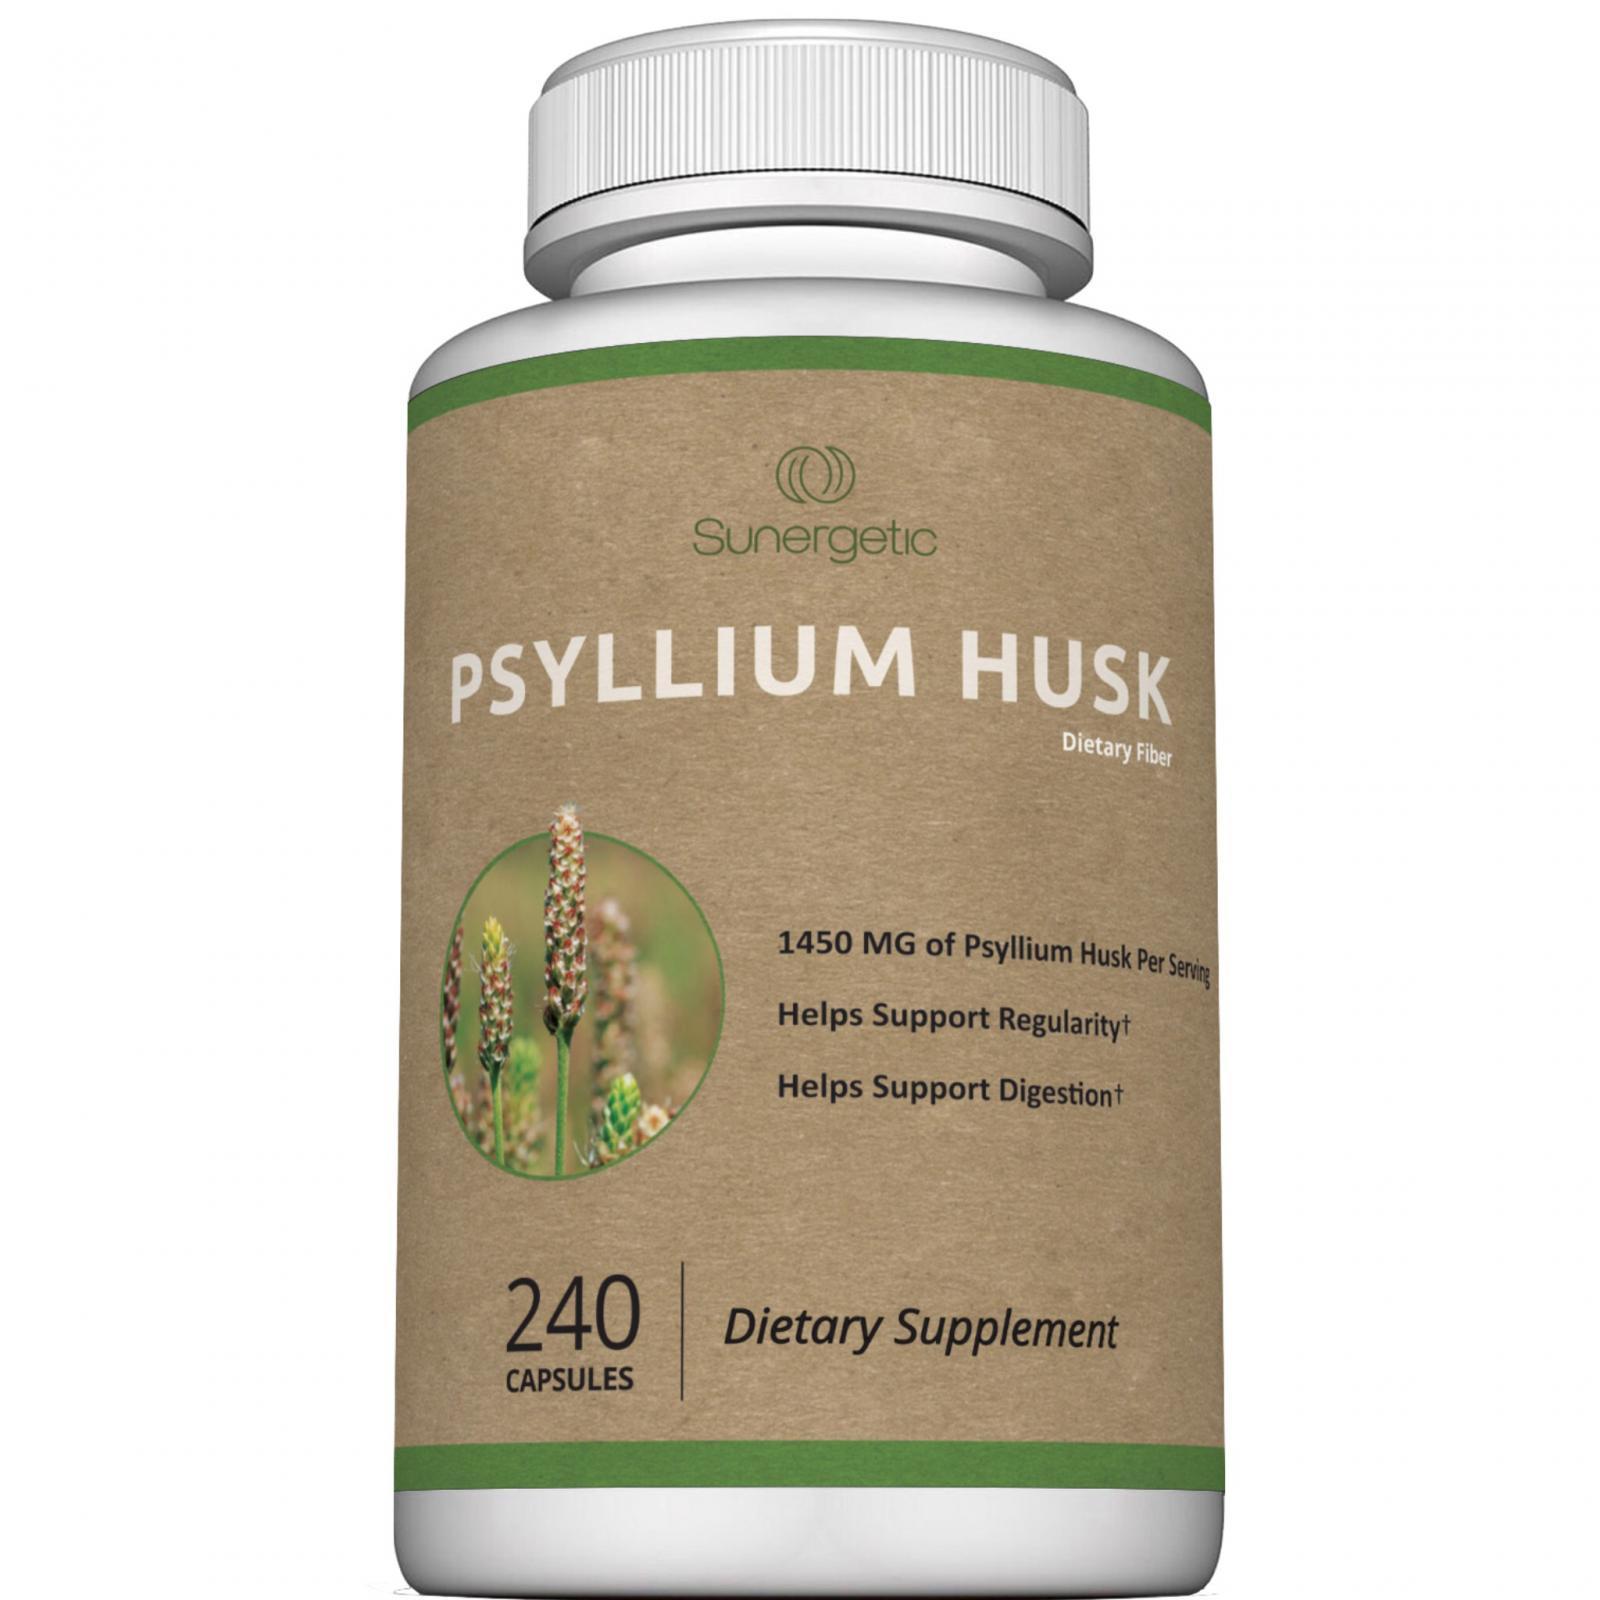 Sunergetic Psyllium Husk Capsules